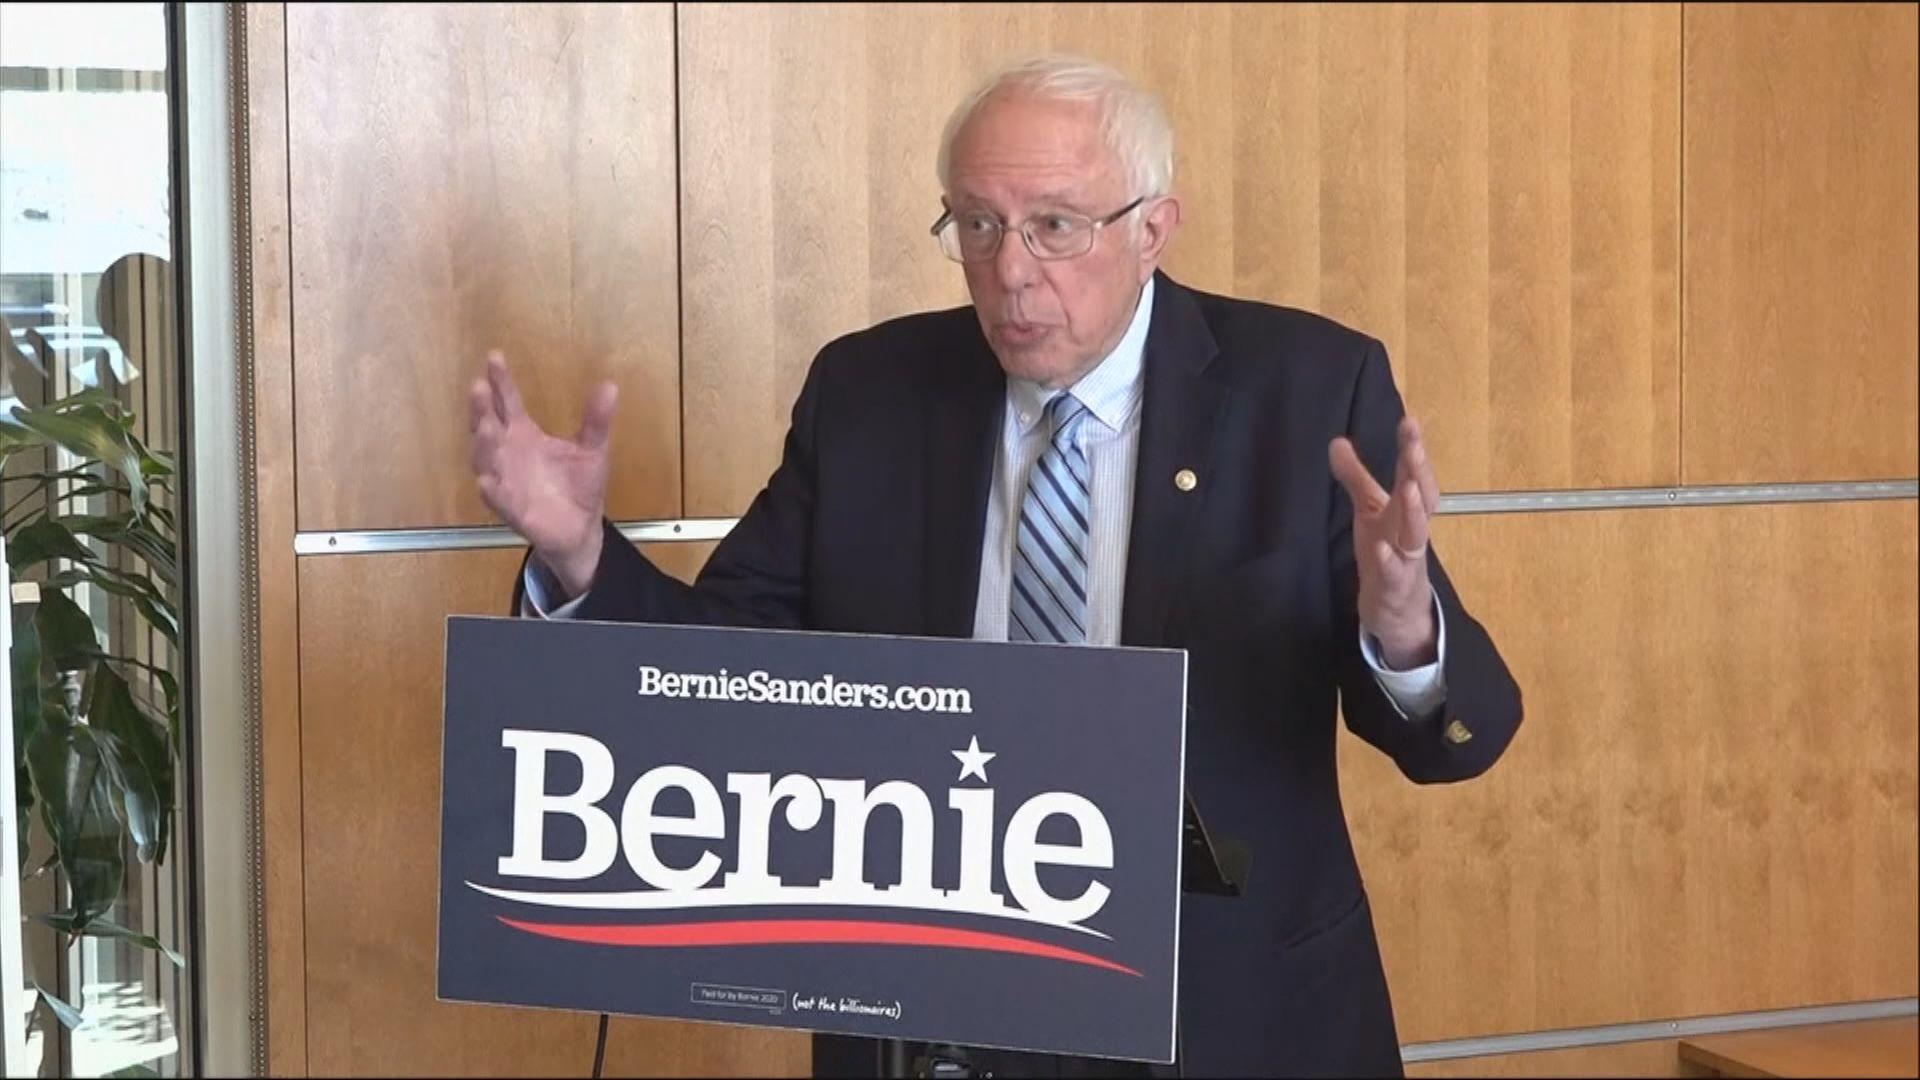 桑德斯退出美國民主黨總統提名初選